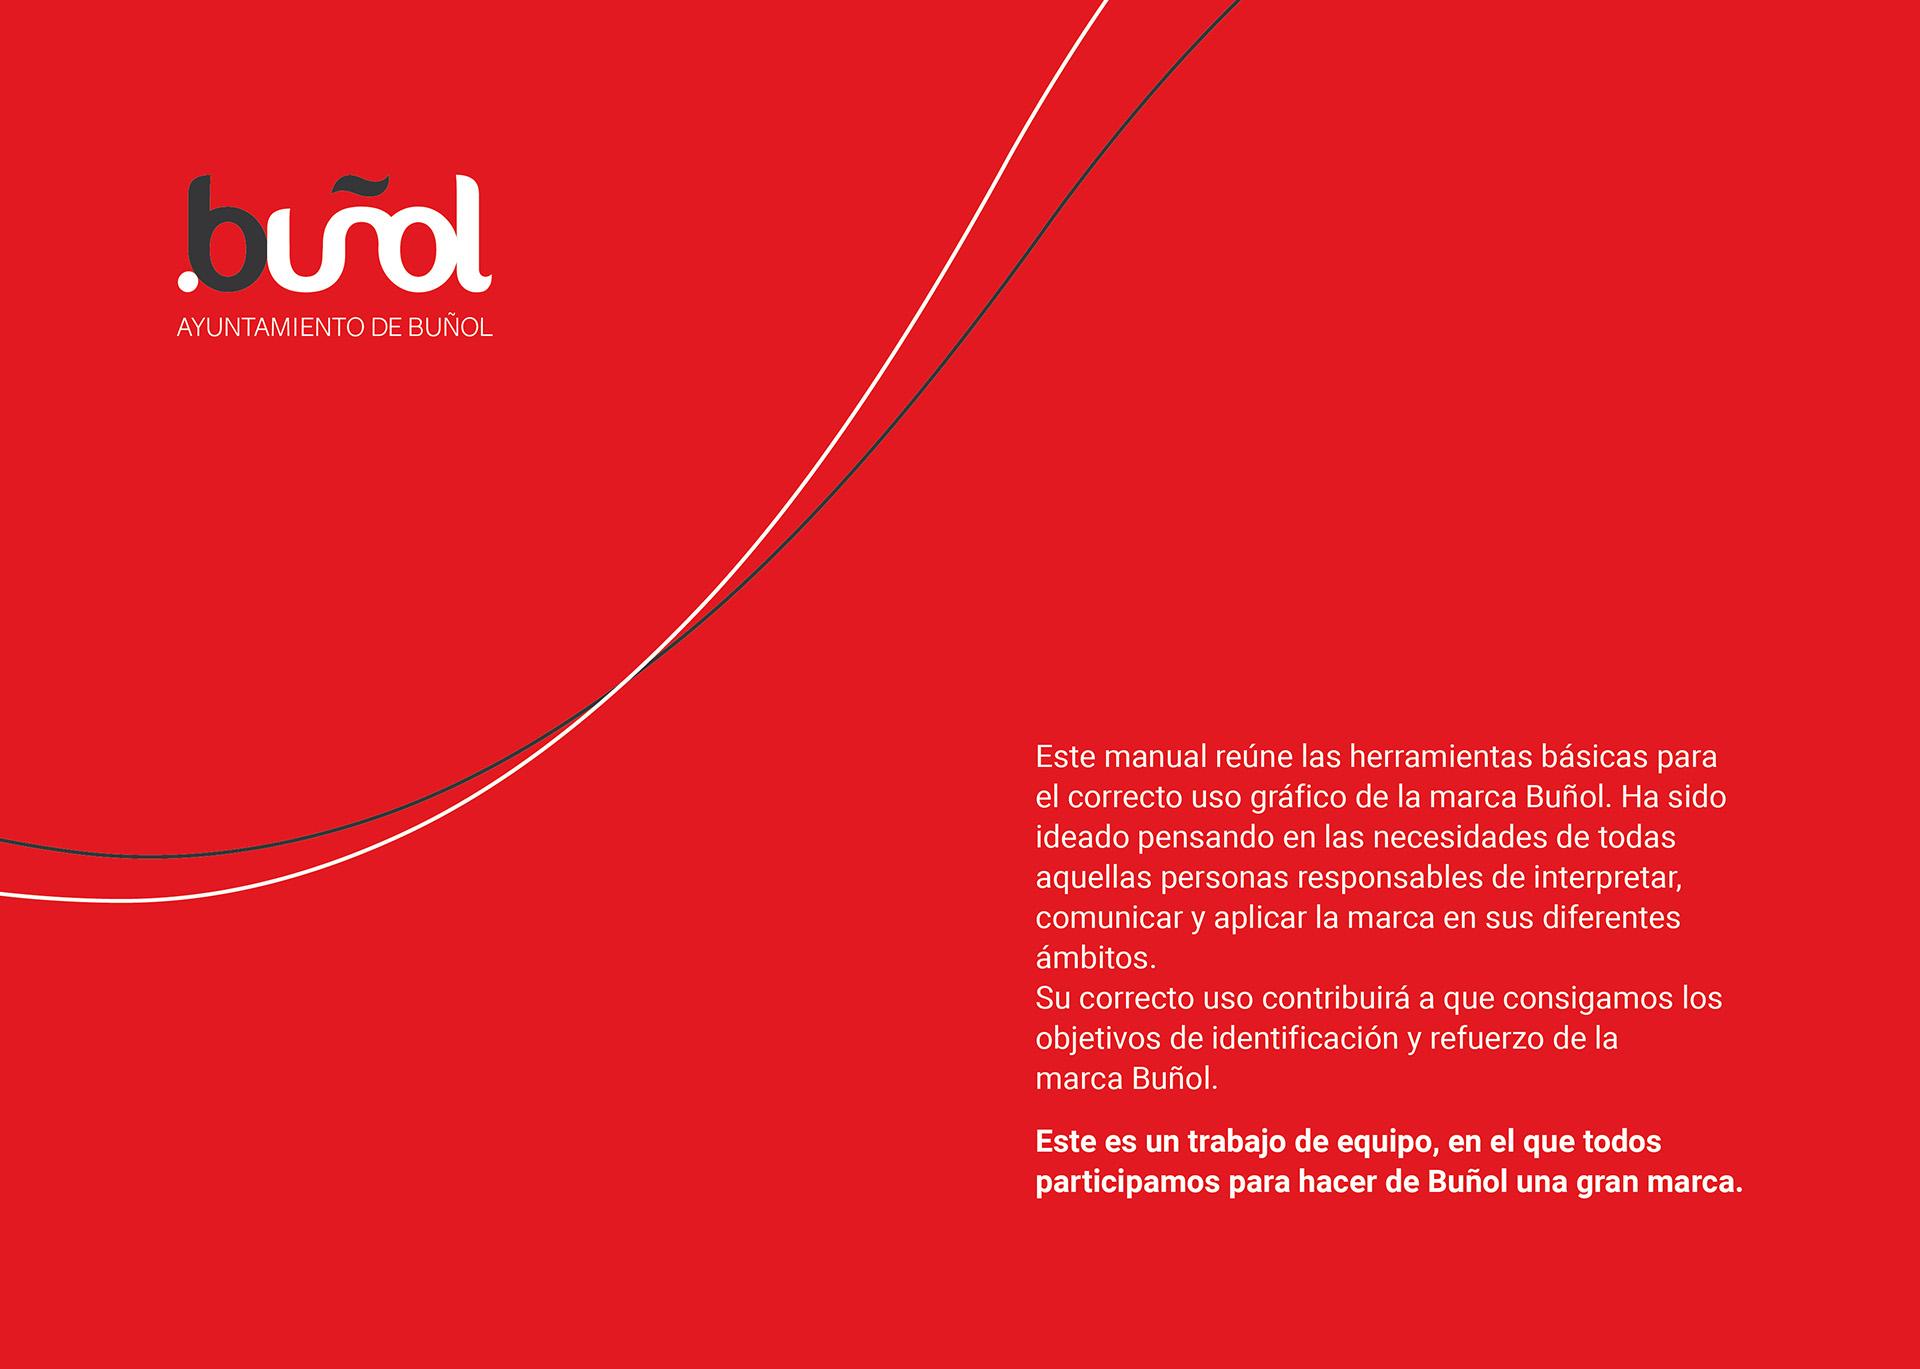 buñol - Diseño de imagen corporativa